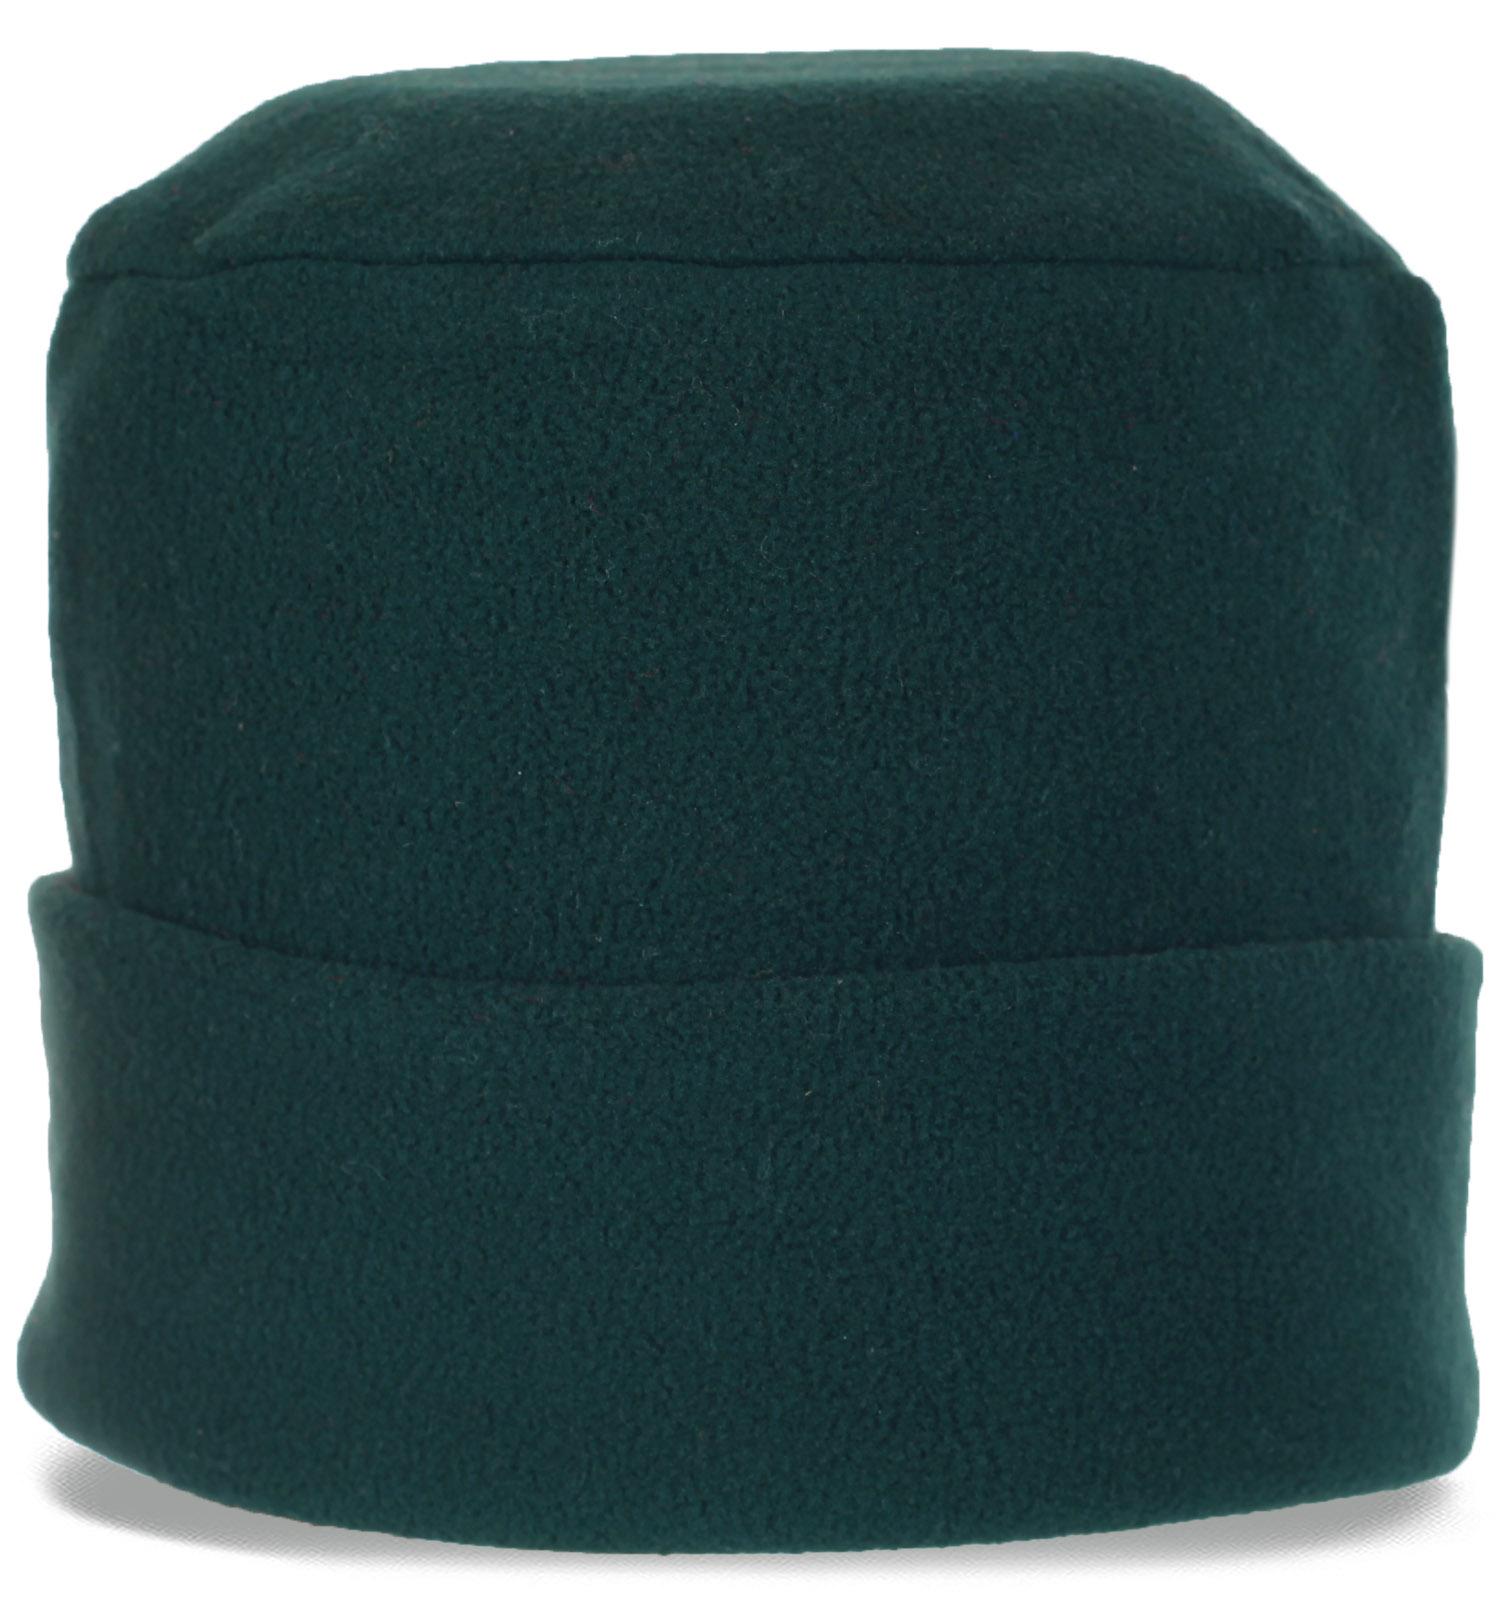 Спортивная флисовая мужская шапка с отворотом утепленная флисом. Сделает Вашу жизнь теплее и комфортнее. Спешите купить!